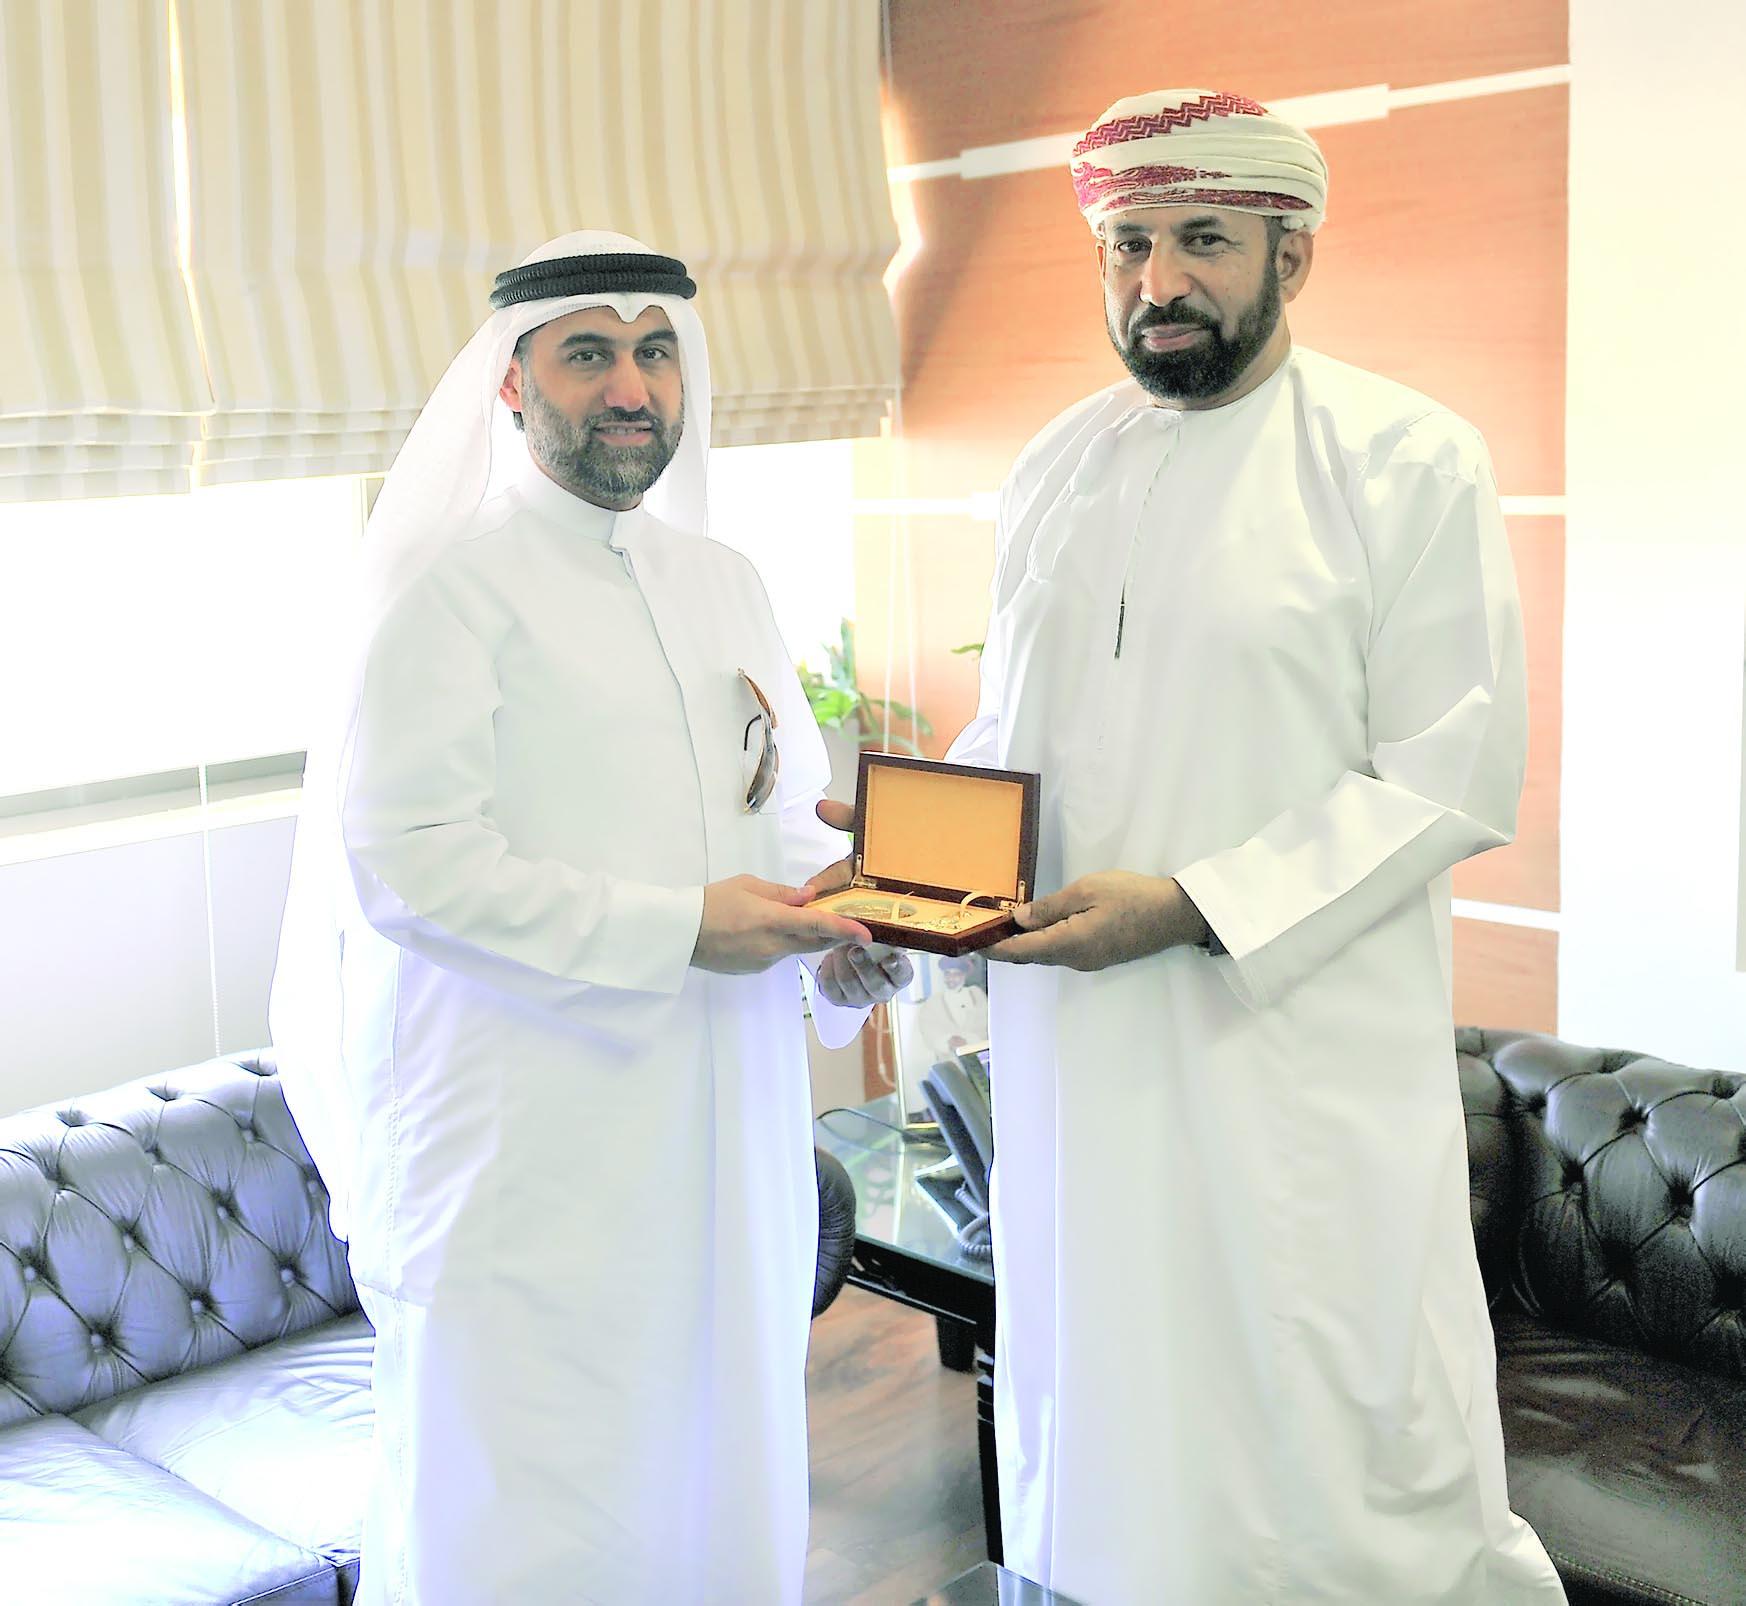 فيما يسدل الستار على المسابقة اليومالهنائي يلتقي المنشد الكويتي عادل الكندري على هامش التصفيات النهائية